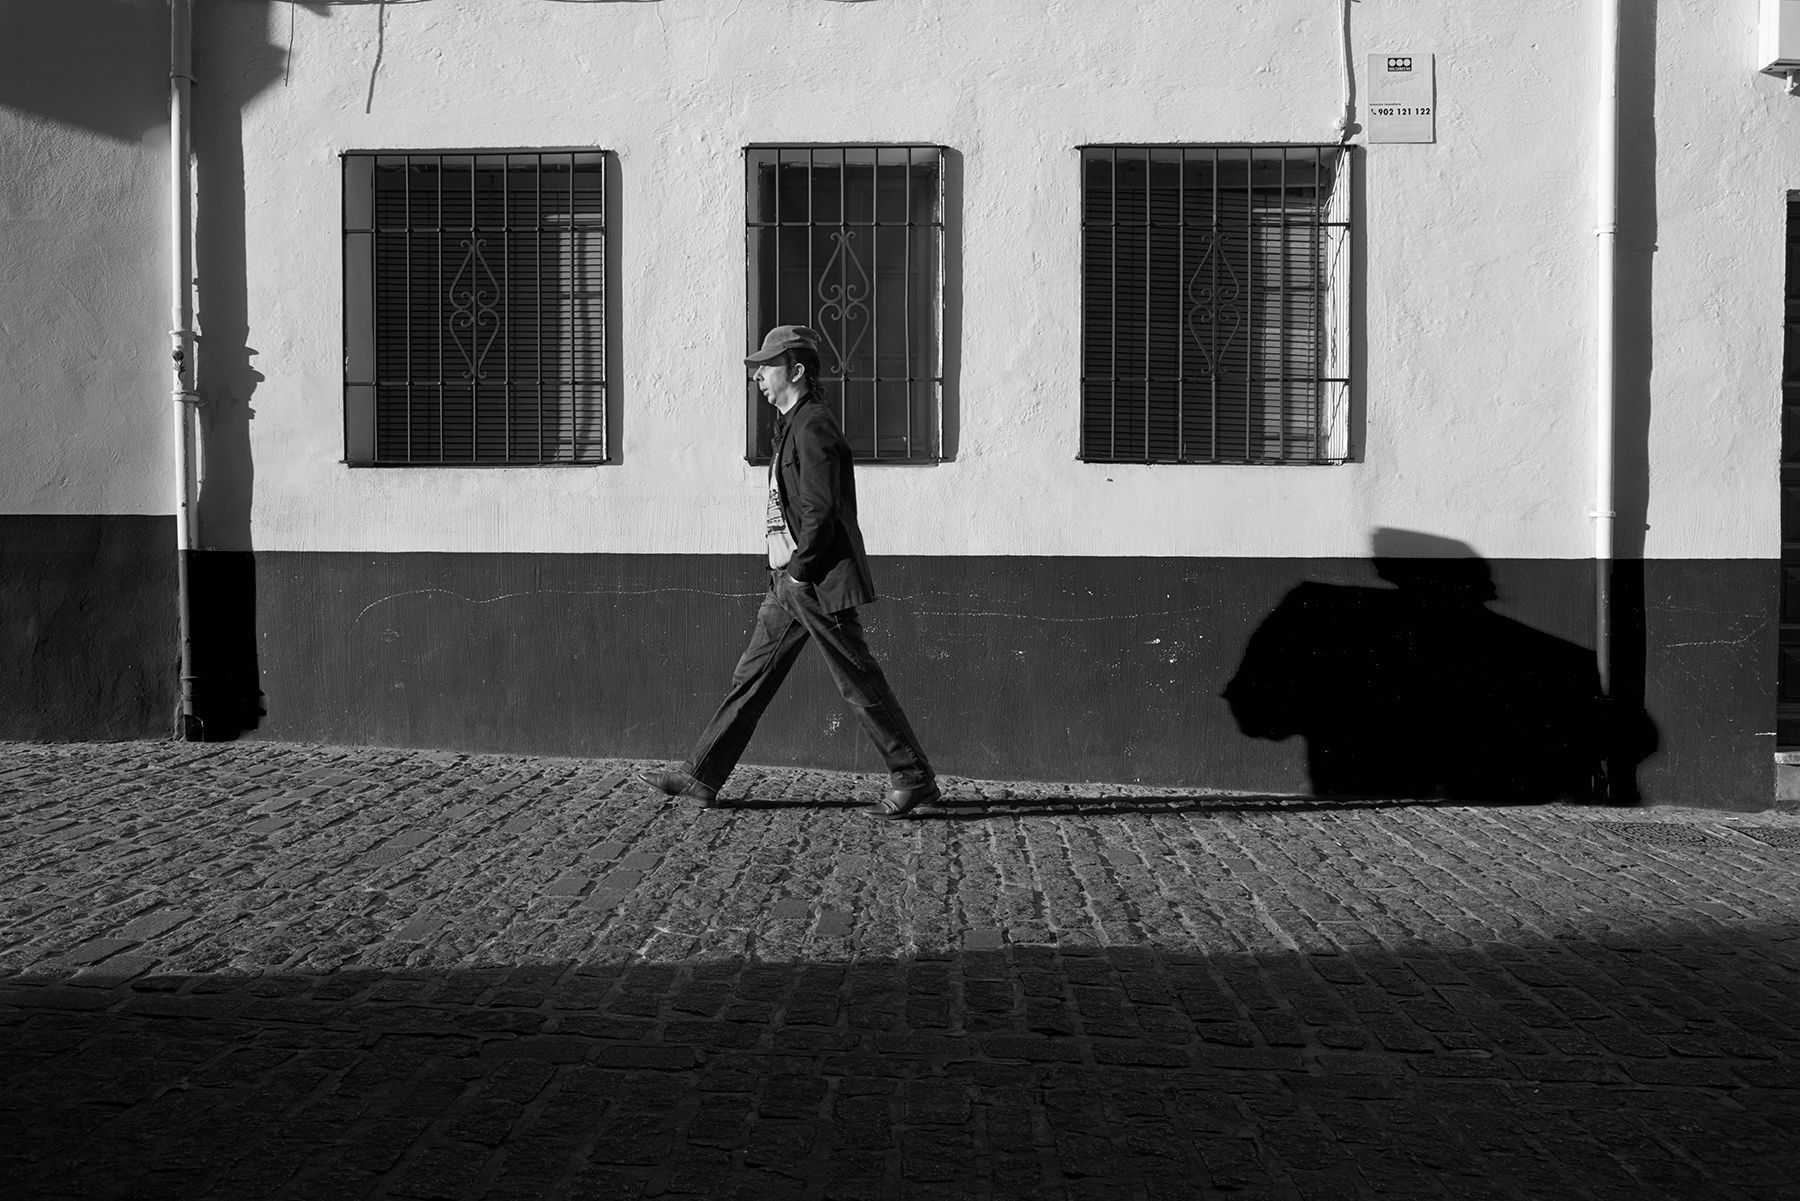 La mala sombra